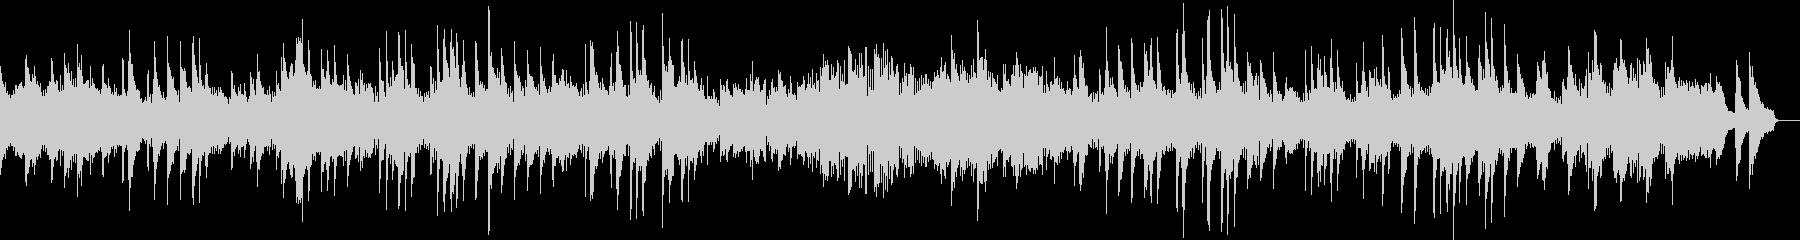 ベードベン 月光 第一楽章 ピアノの未再生の波形